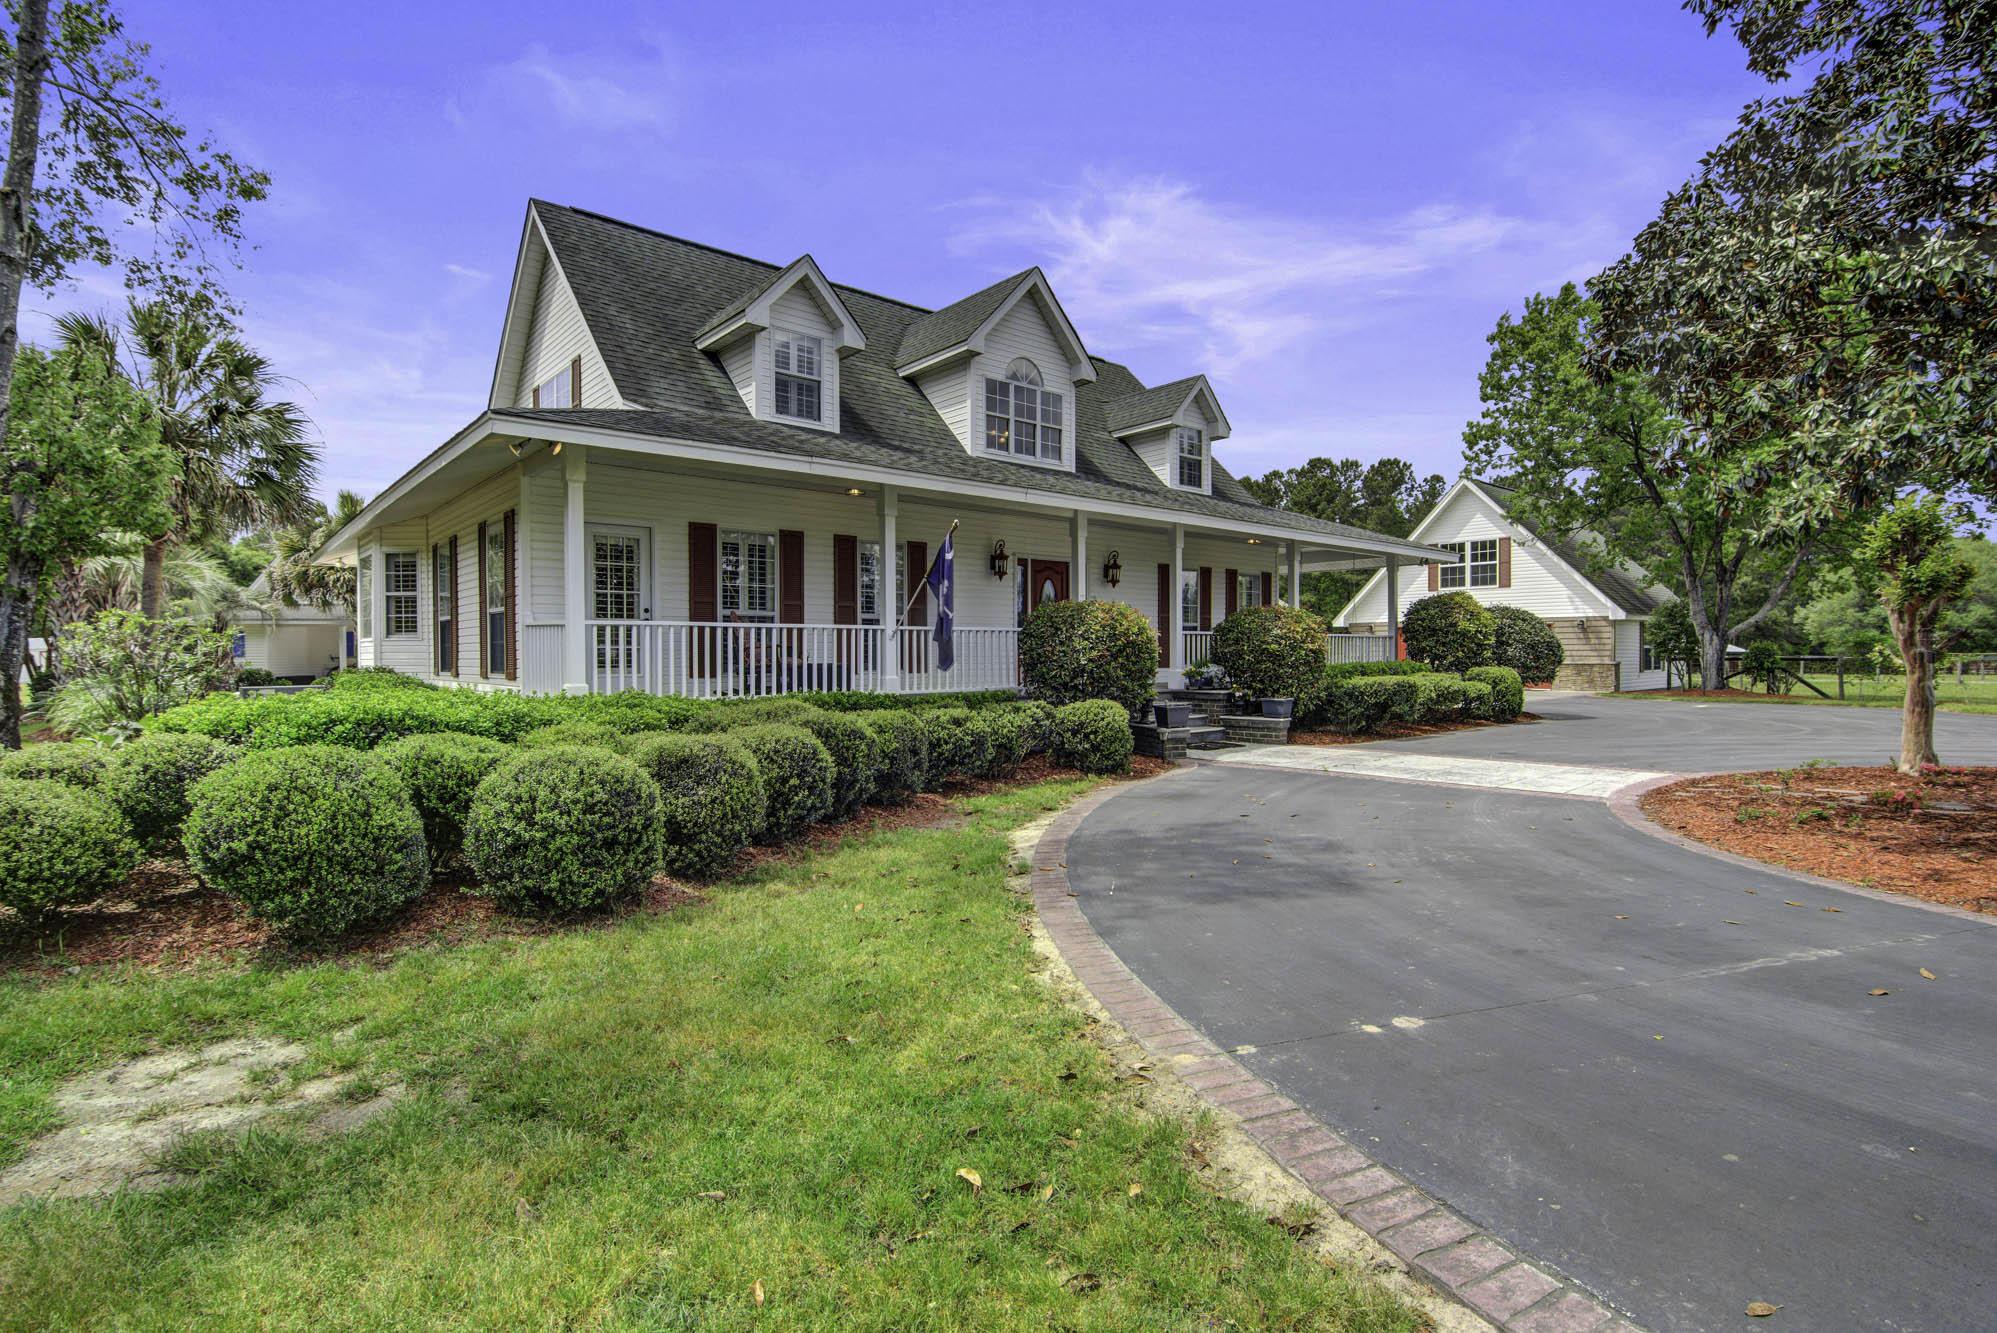 Walton Grove Homes For Sale - 119 Walton Grove, Summerville, SC - 0